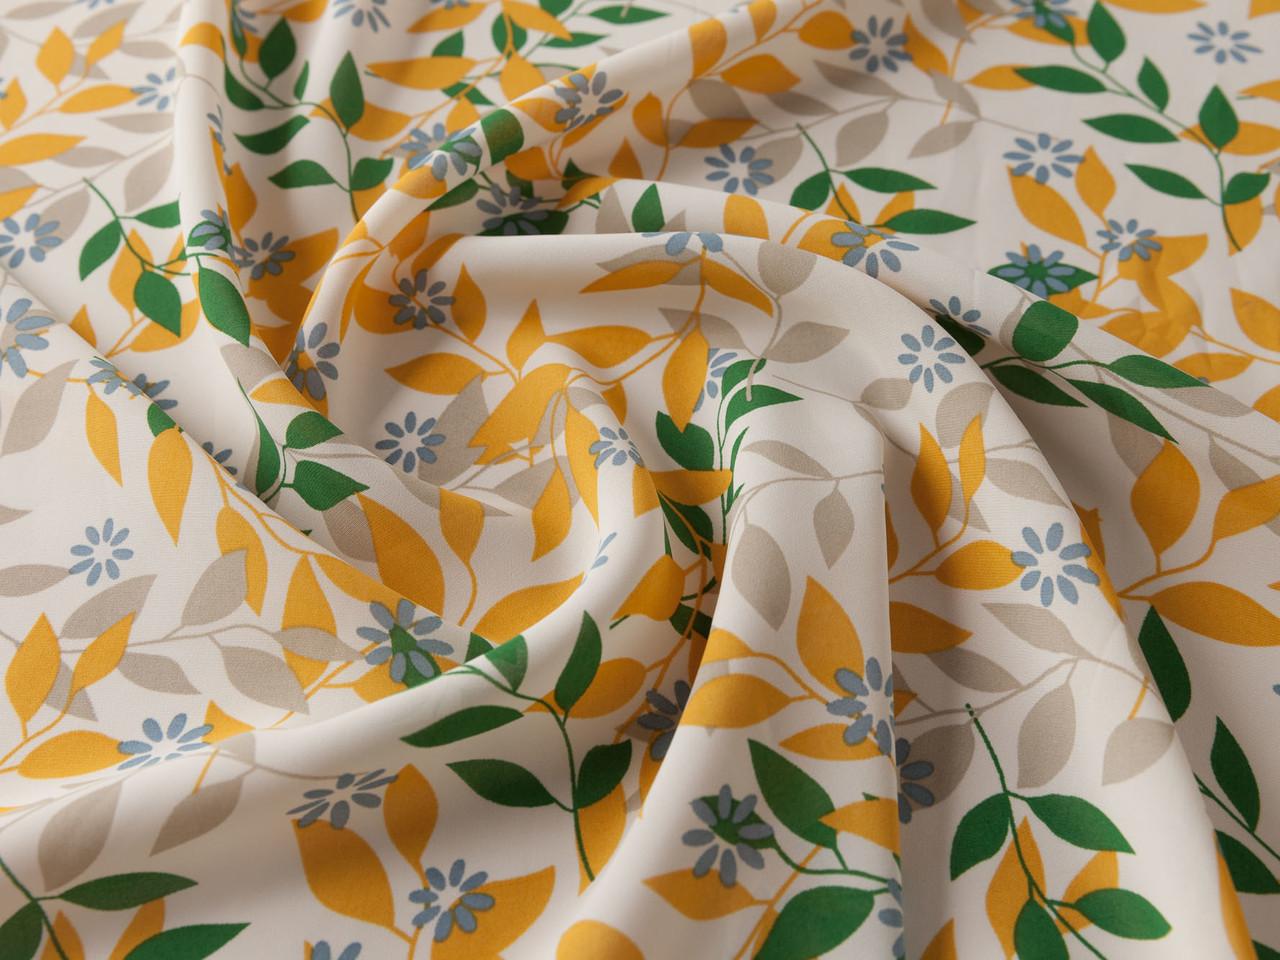 Ткань Шифон вискоза лиственная сказка, зеленый с оранжевым